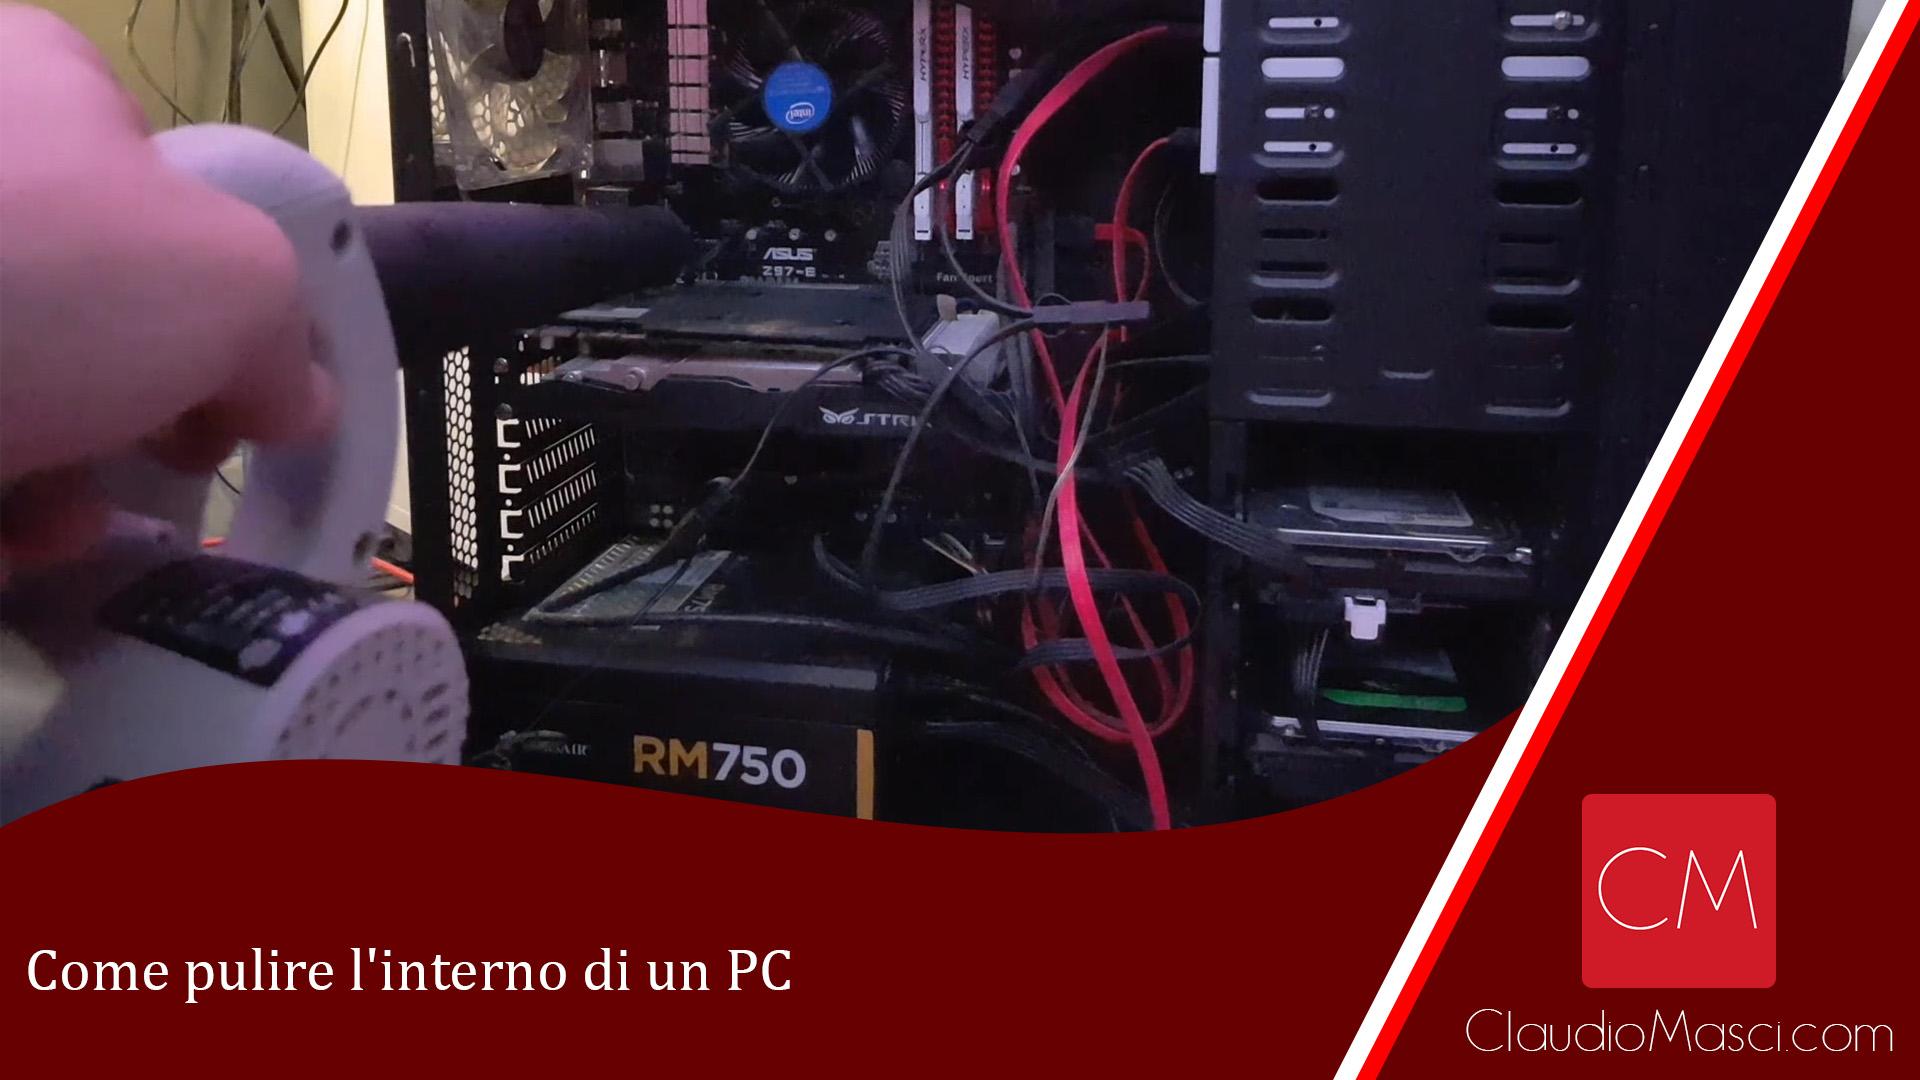 Come pulire l'interno di un PC